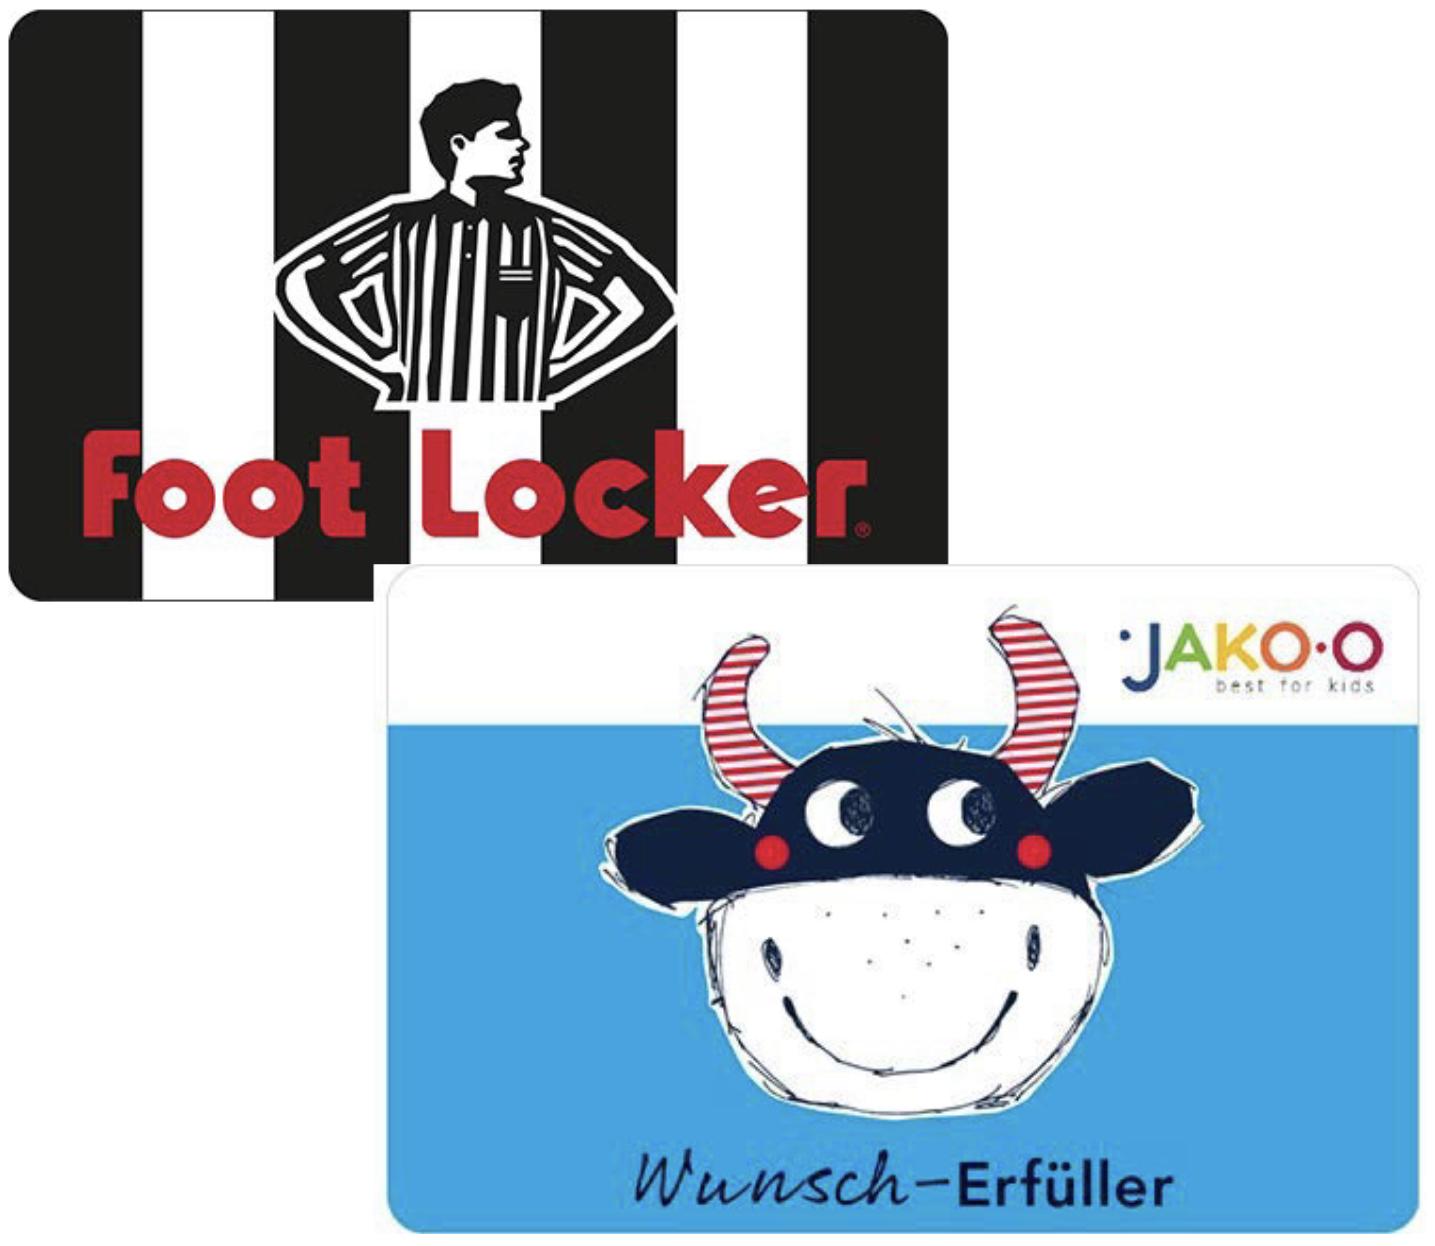 15% Rabatt auf Geschenkkarten von Foot Locker u. JAKO-O [Amazon]